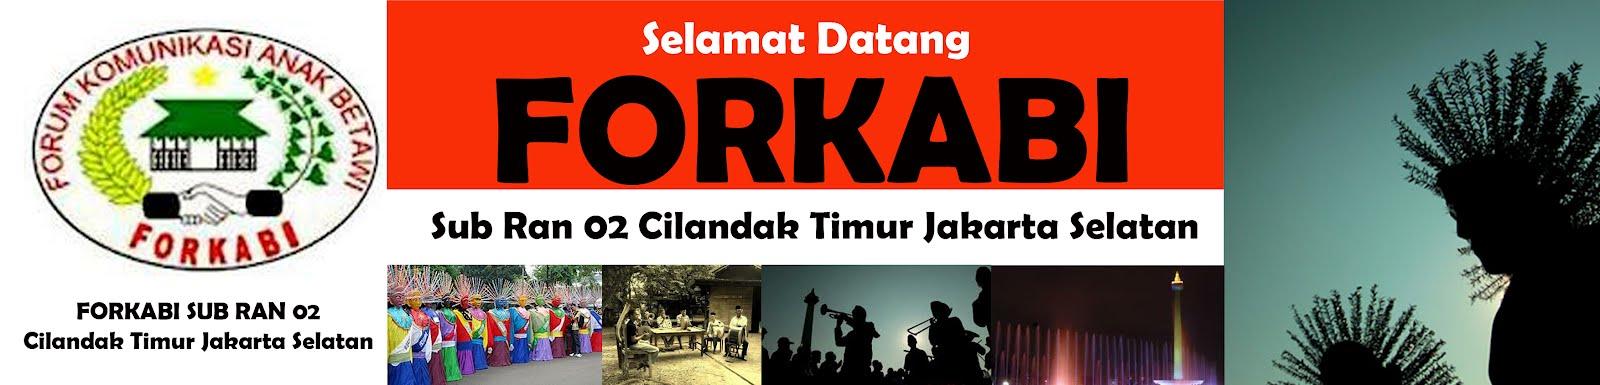 FORKABI 02